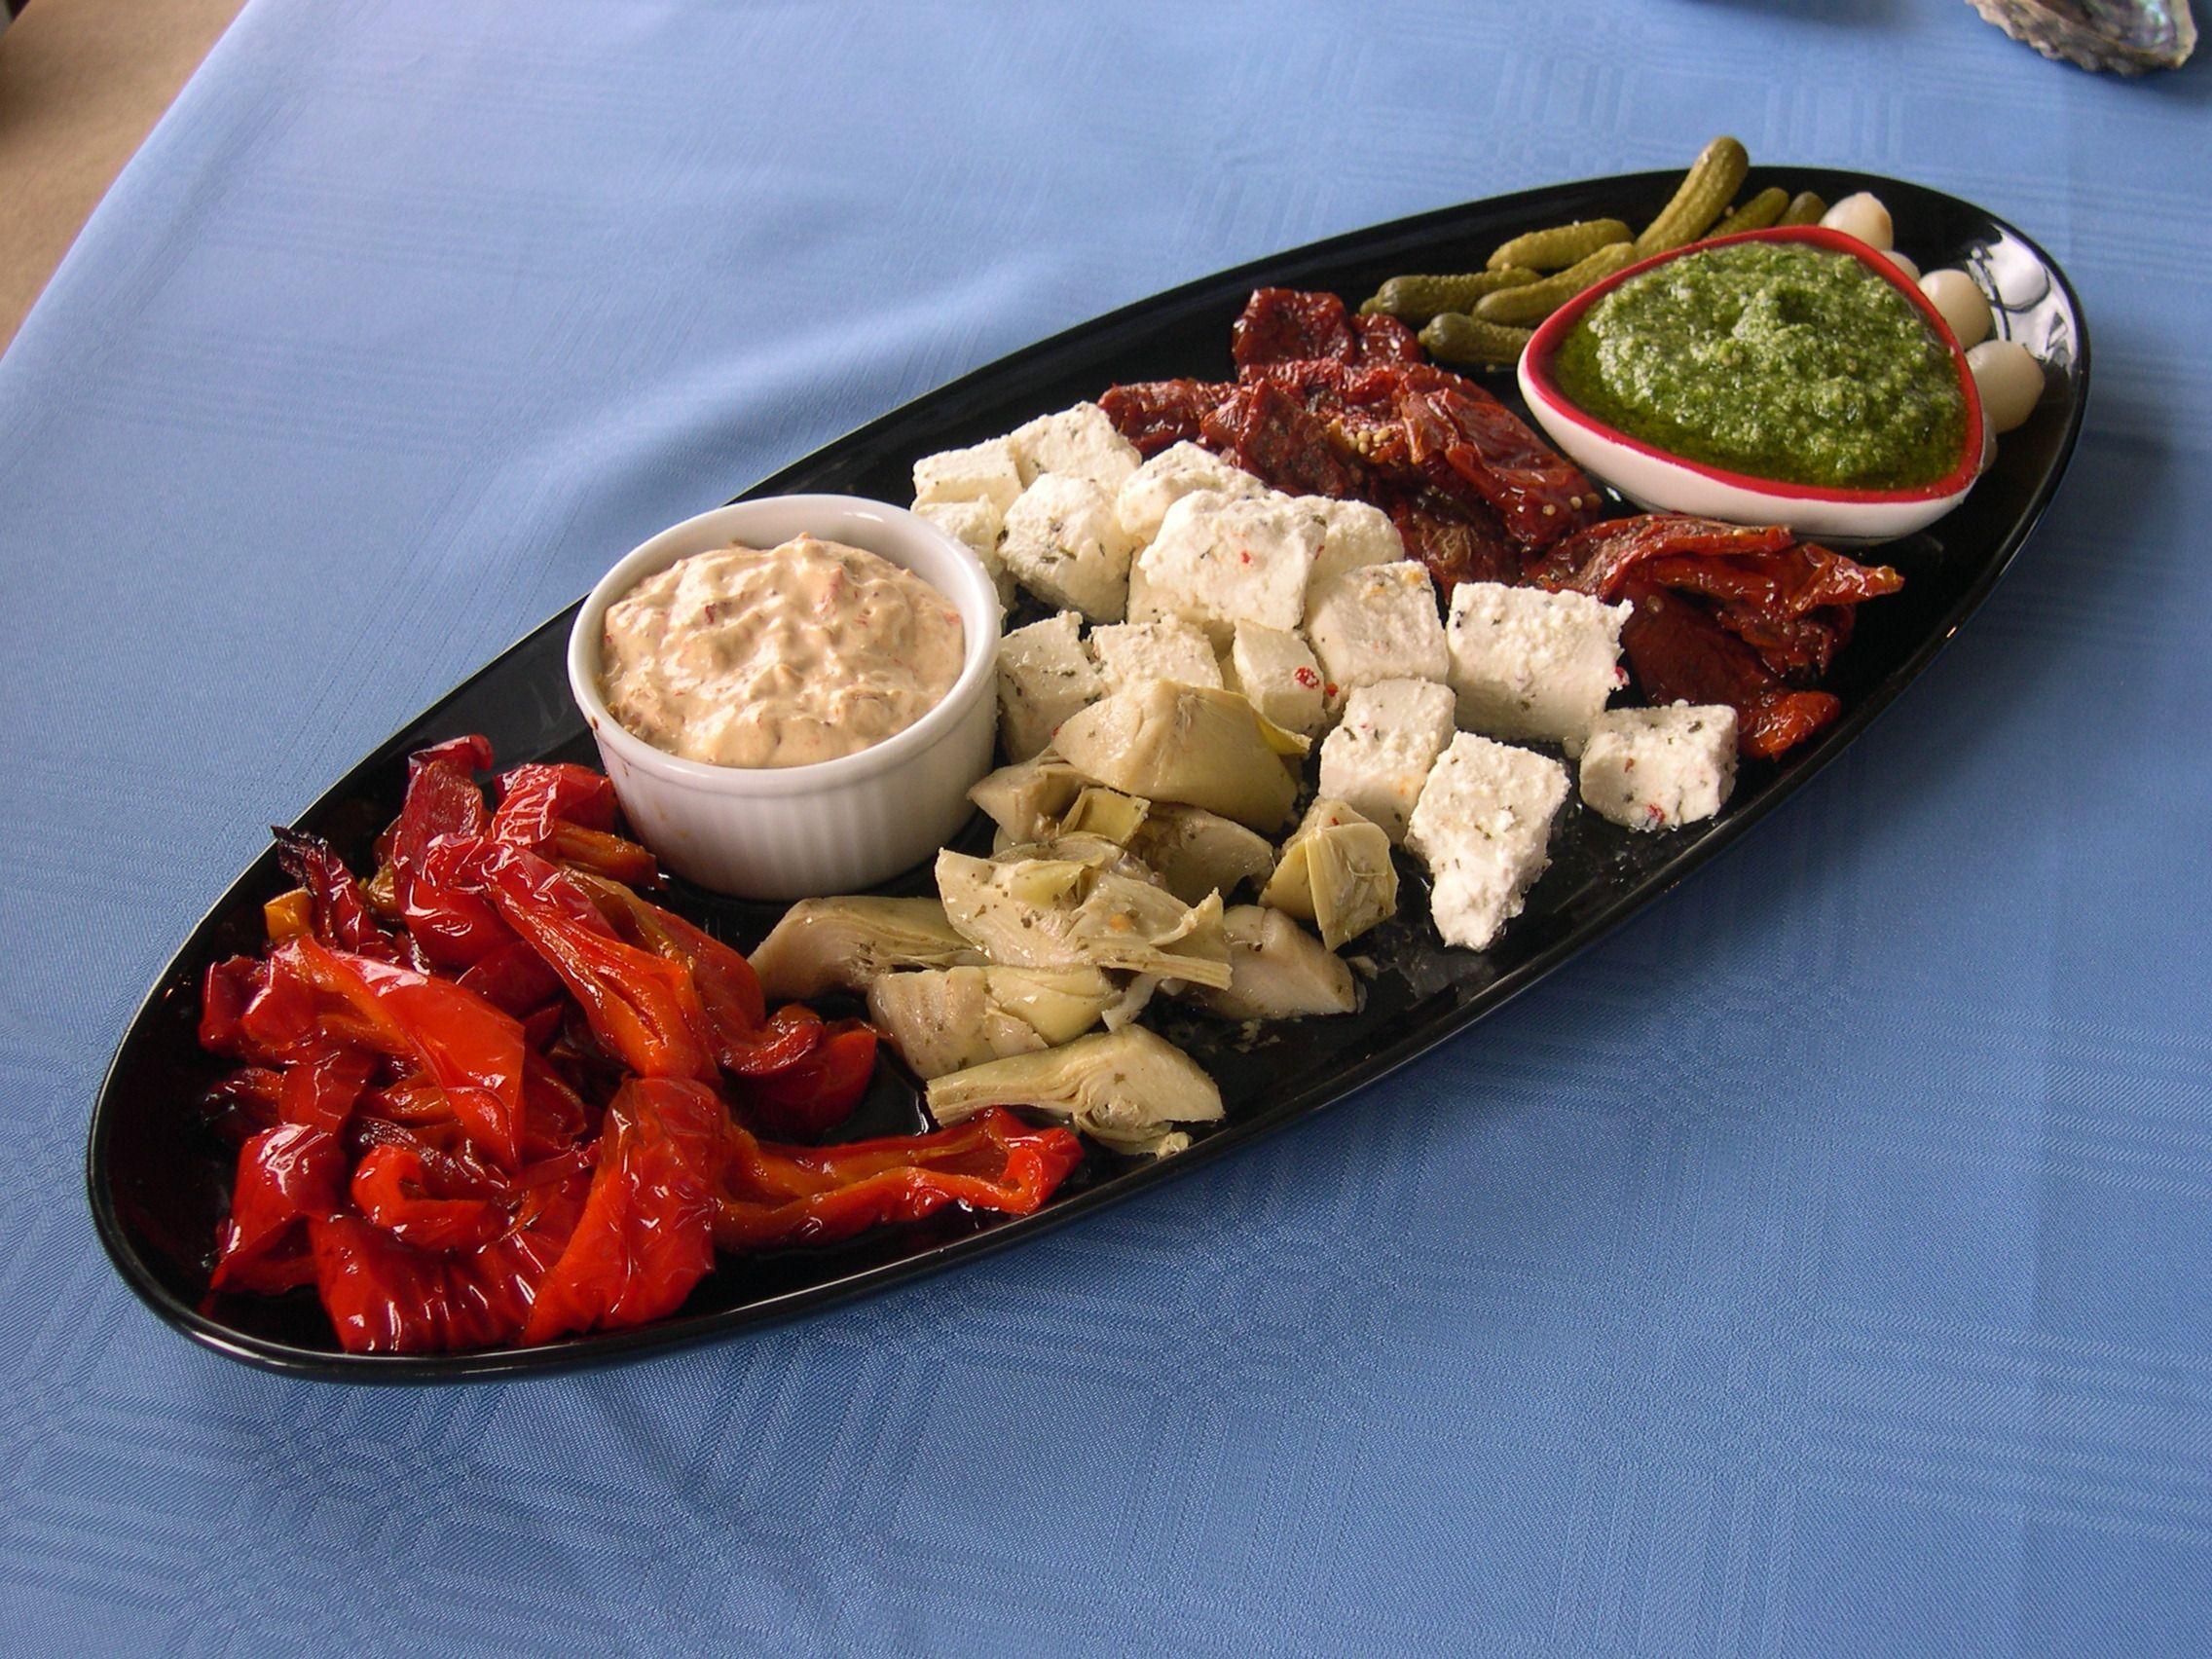 Italian Ruokakulttuuri